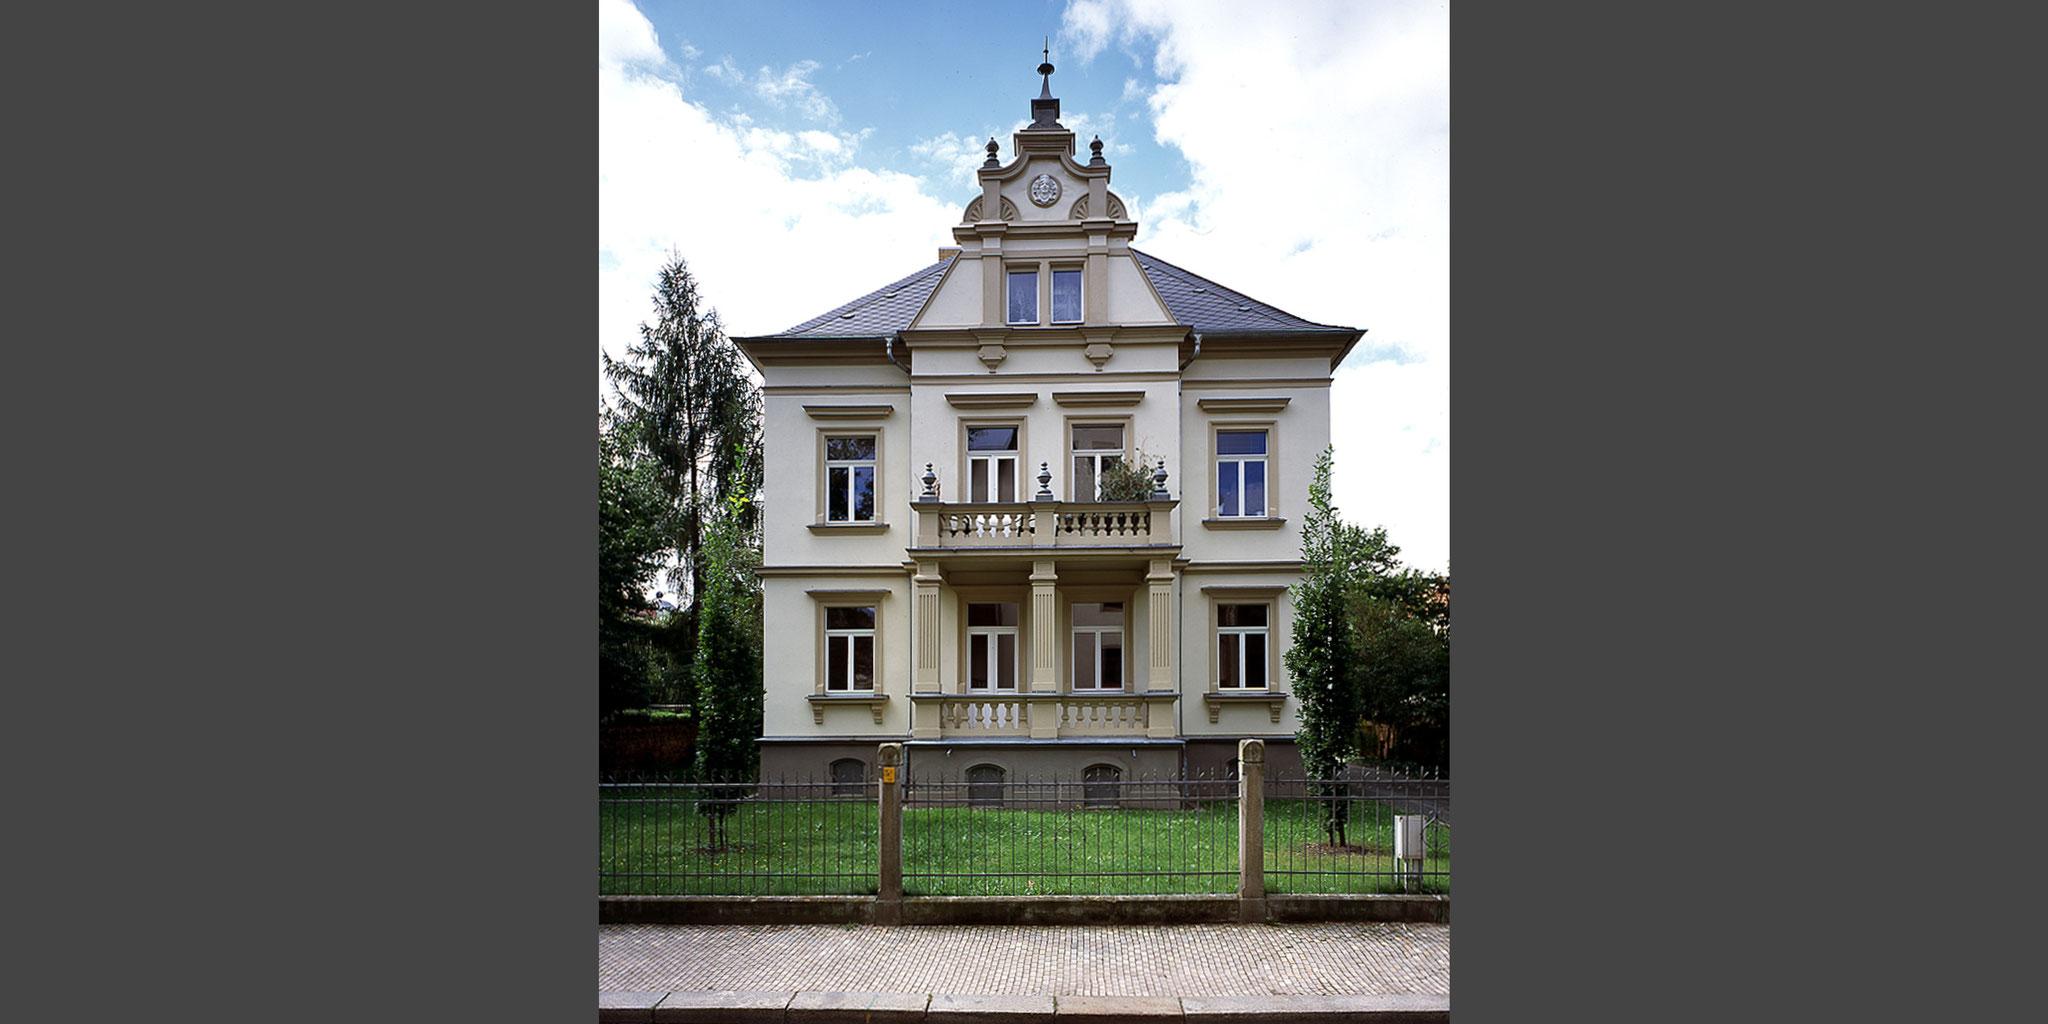 Architekten Frankfurt – Sanierung und Umbau Stadtvilla in Dresden, Architekturbüro Frick.Reichert Architekten